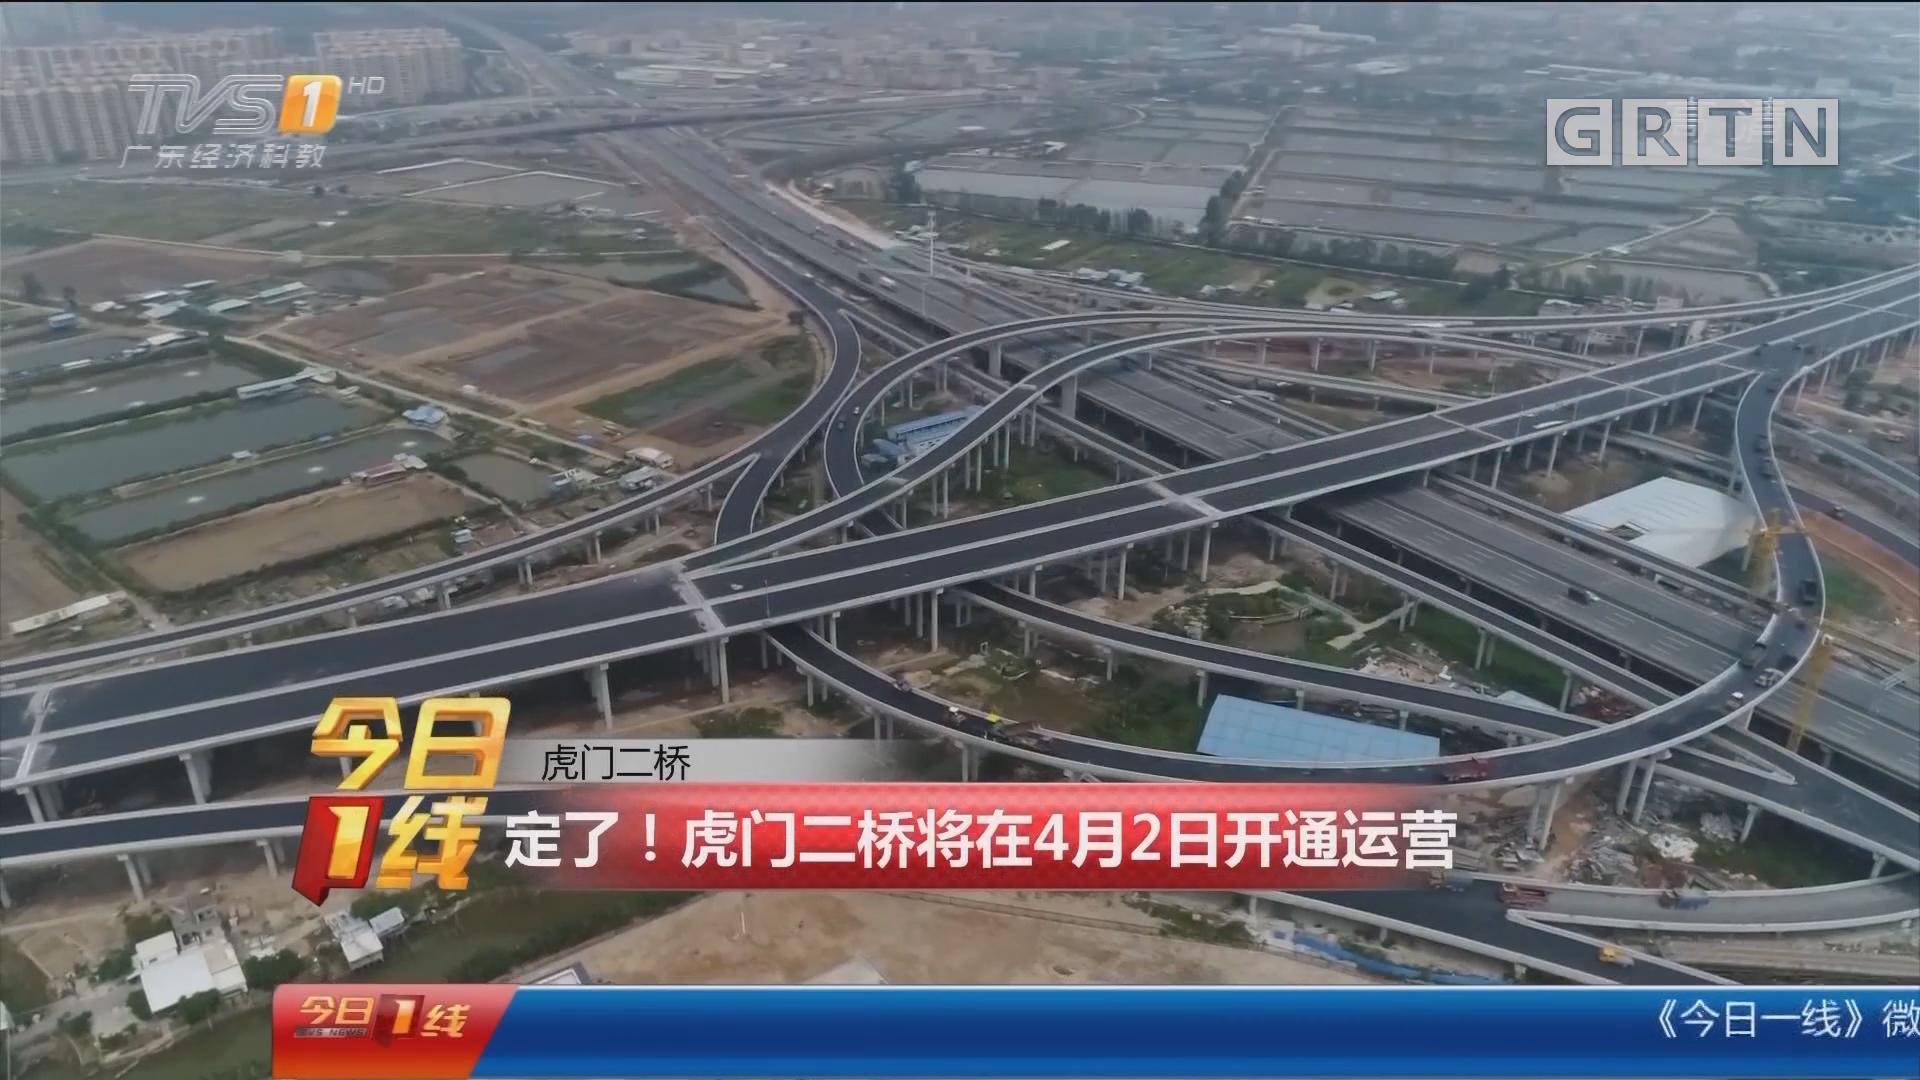 虎门二桥:定了!虎门二桥将在4月2日开通运营